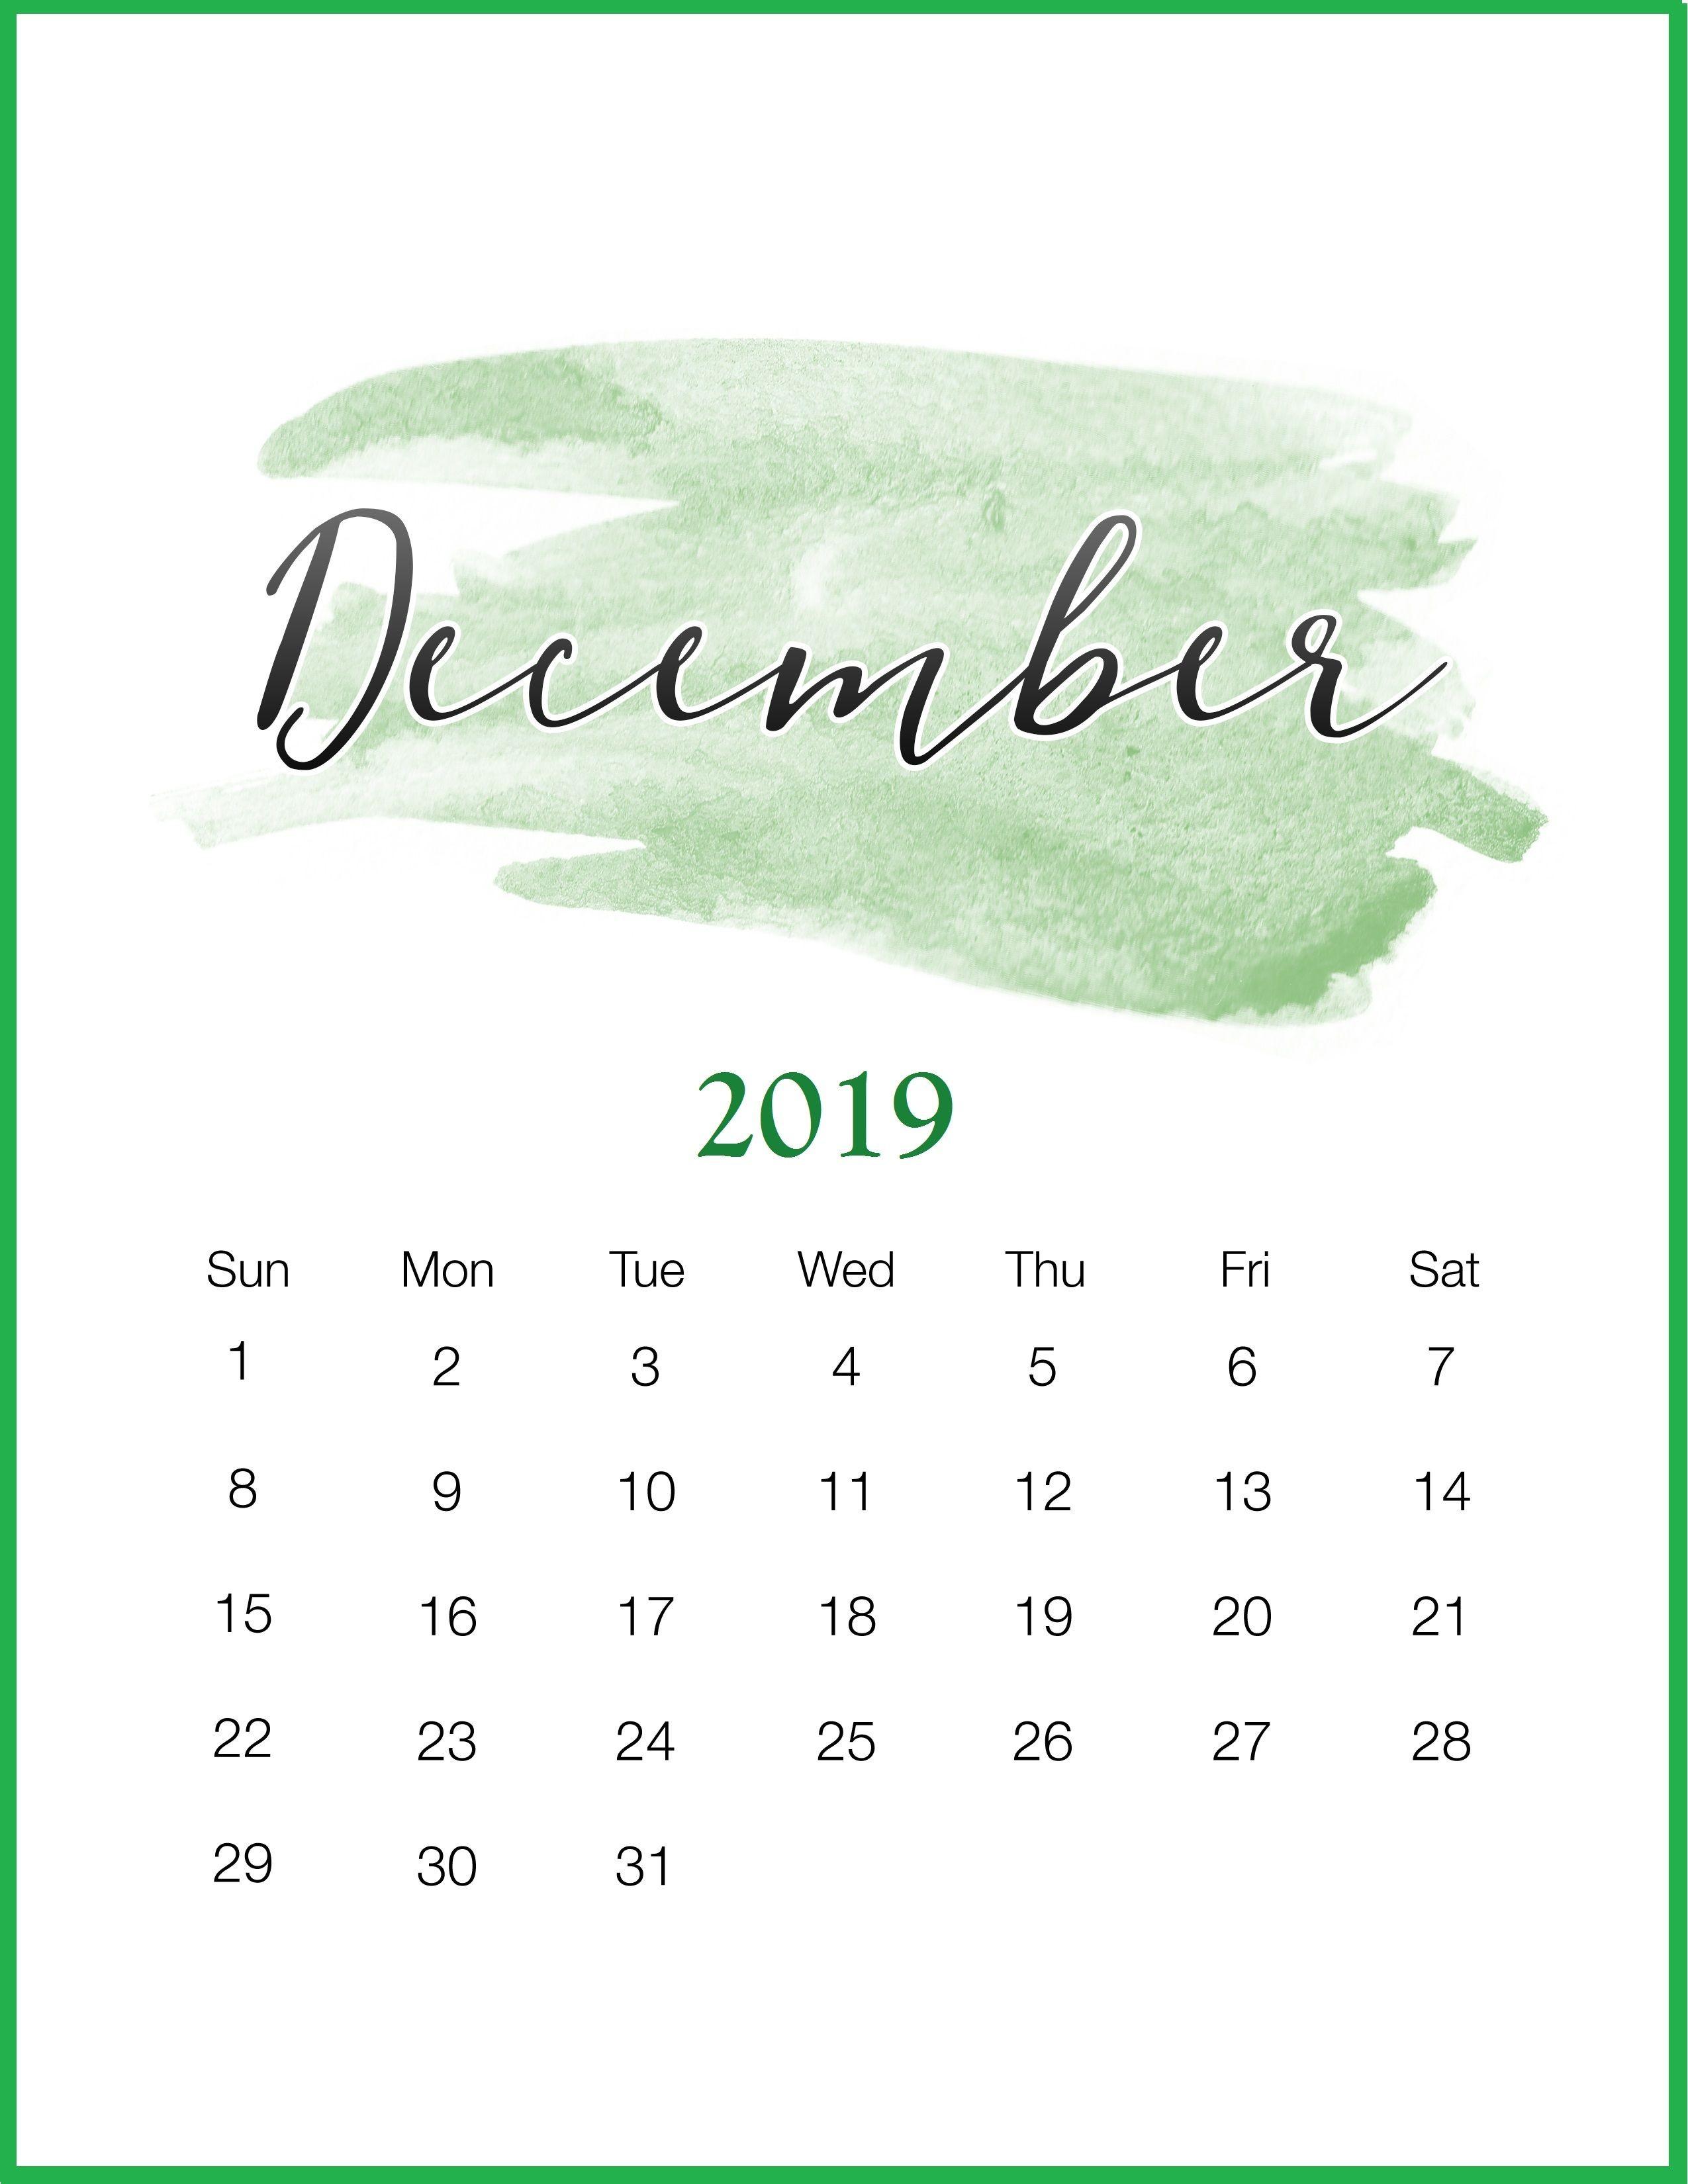 Calendario Escolar 2019 Dias Festivos Actual Watercolor 2019 December Printable Calendar каРендарь Of Calendario Escolar 2019 Dias Festivos Más Arriba-a-fecha Es Calendario Escolar 2017 Por Meses Para Imprimir